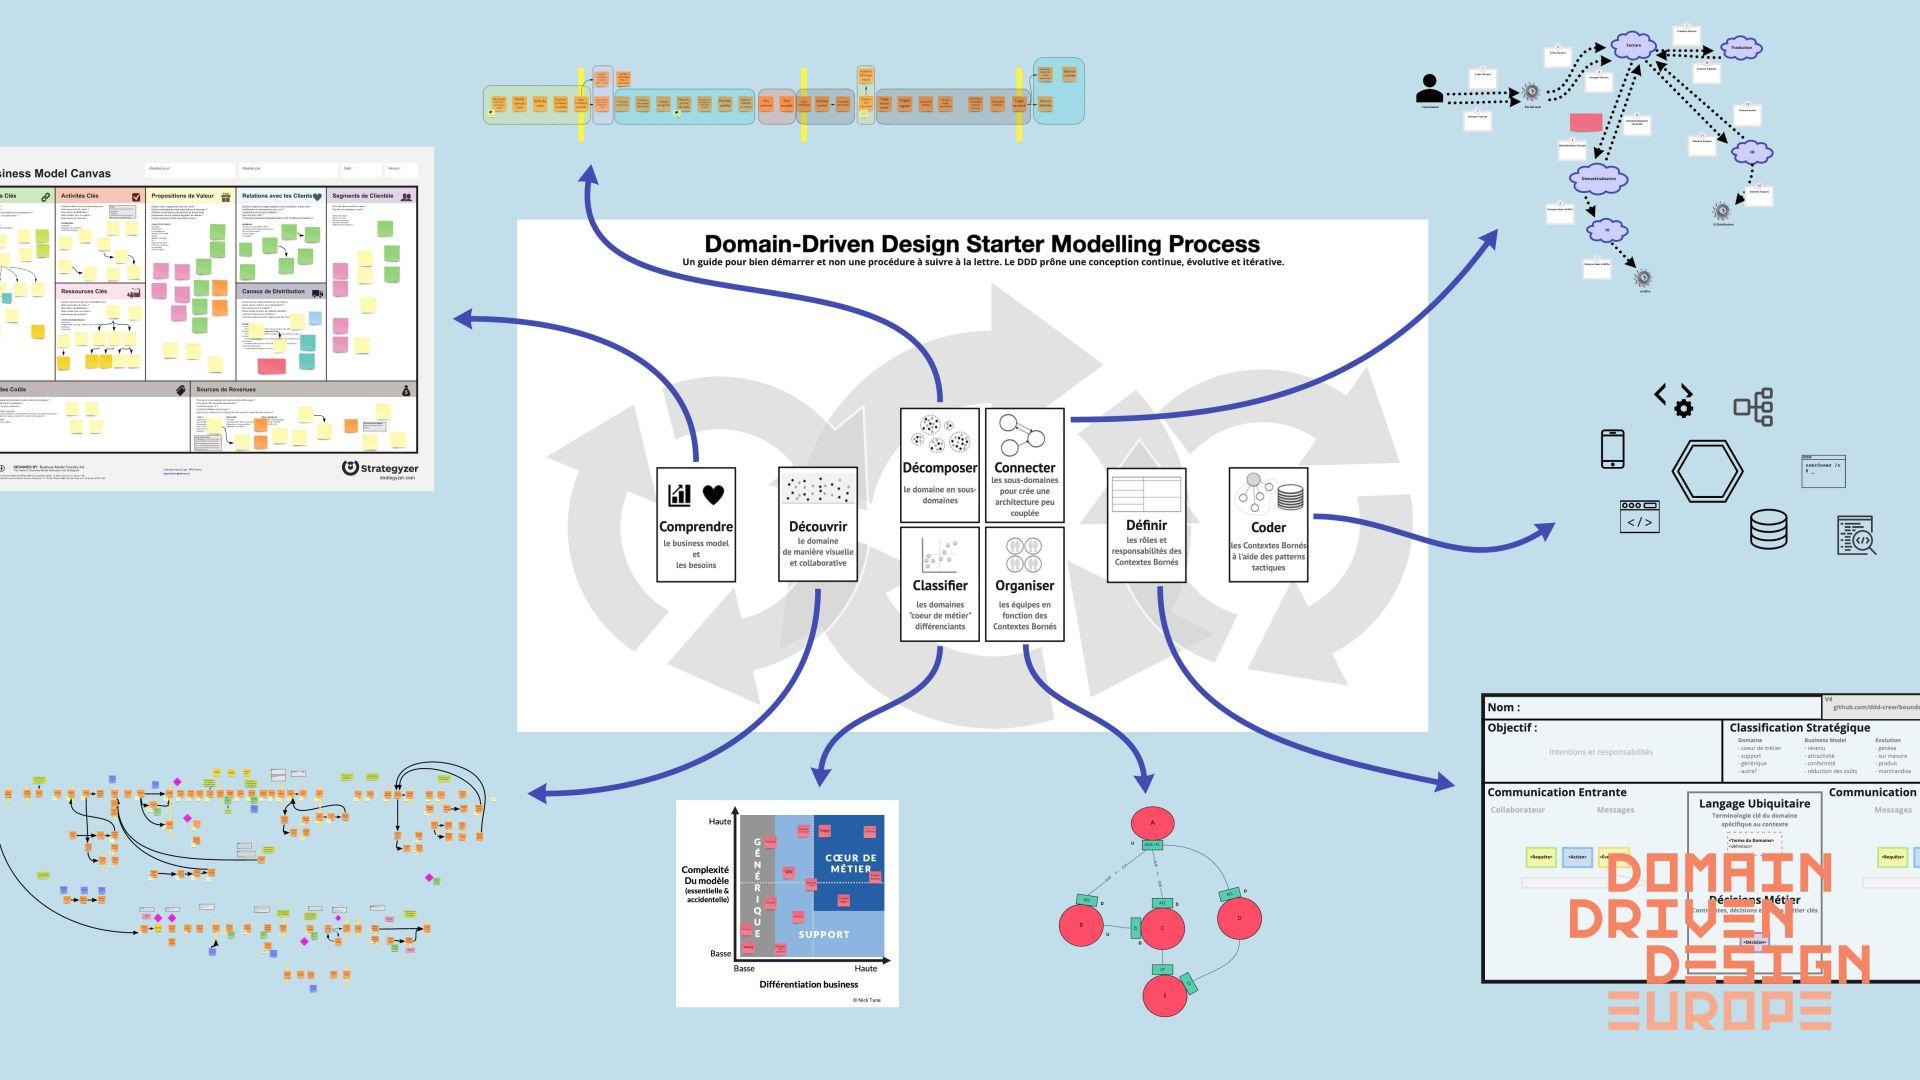 Le Domain Driven Design stratégique